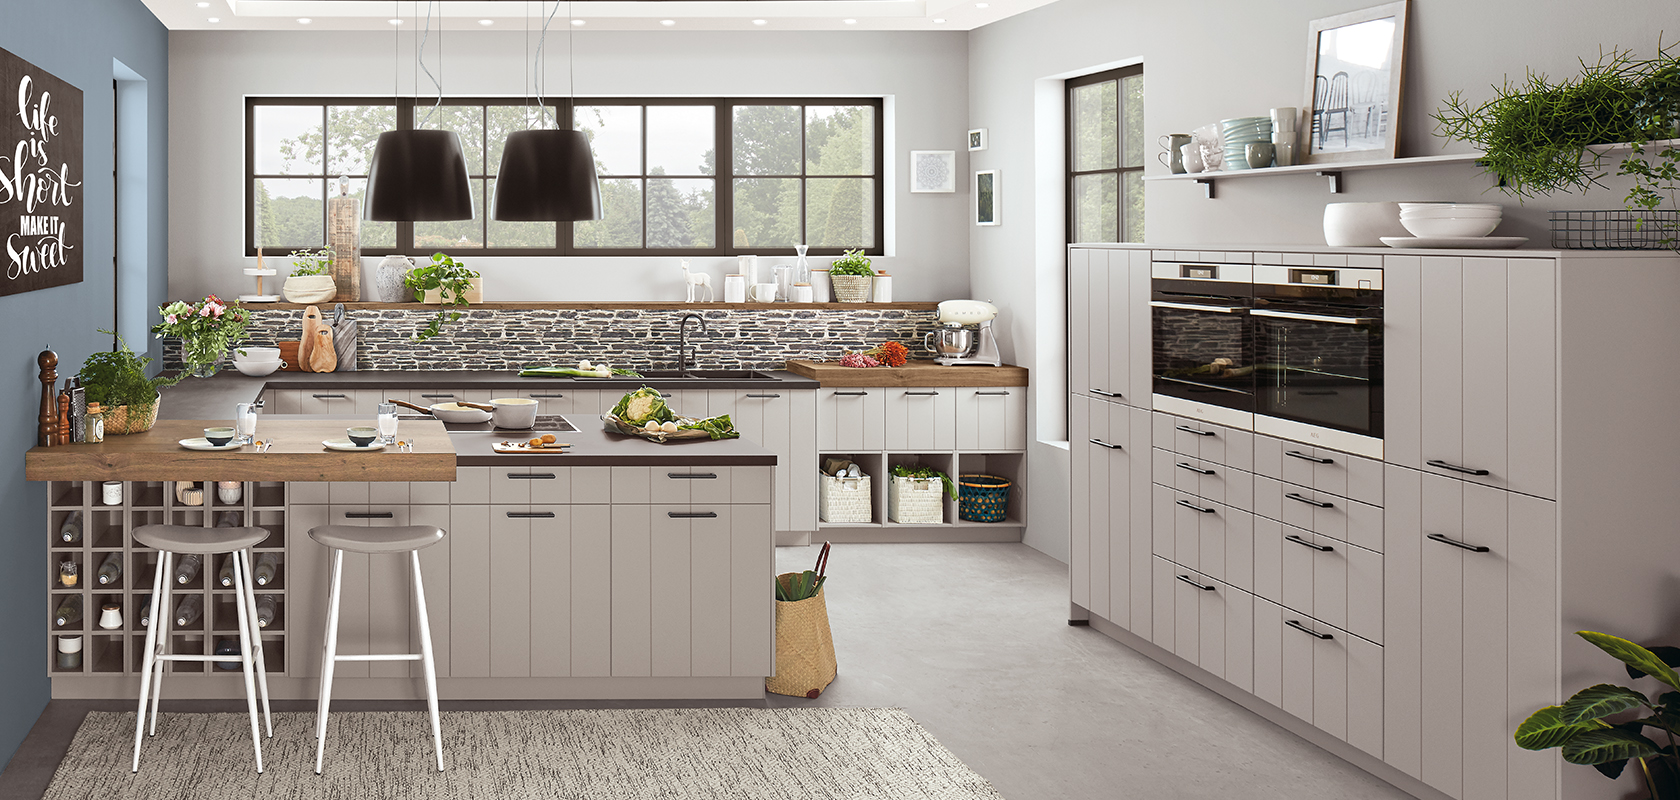 Full Size of Rückwand Outdoor Küche Rückwand Ikea Küche Duktig Nischenrückwand Küche 16mm Rückwand Küche Weiß Matt Küche Nischenrückwand Küche